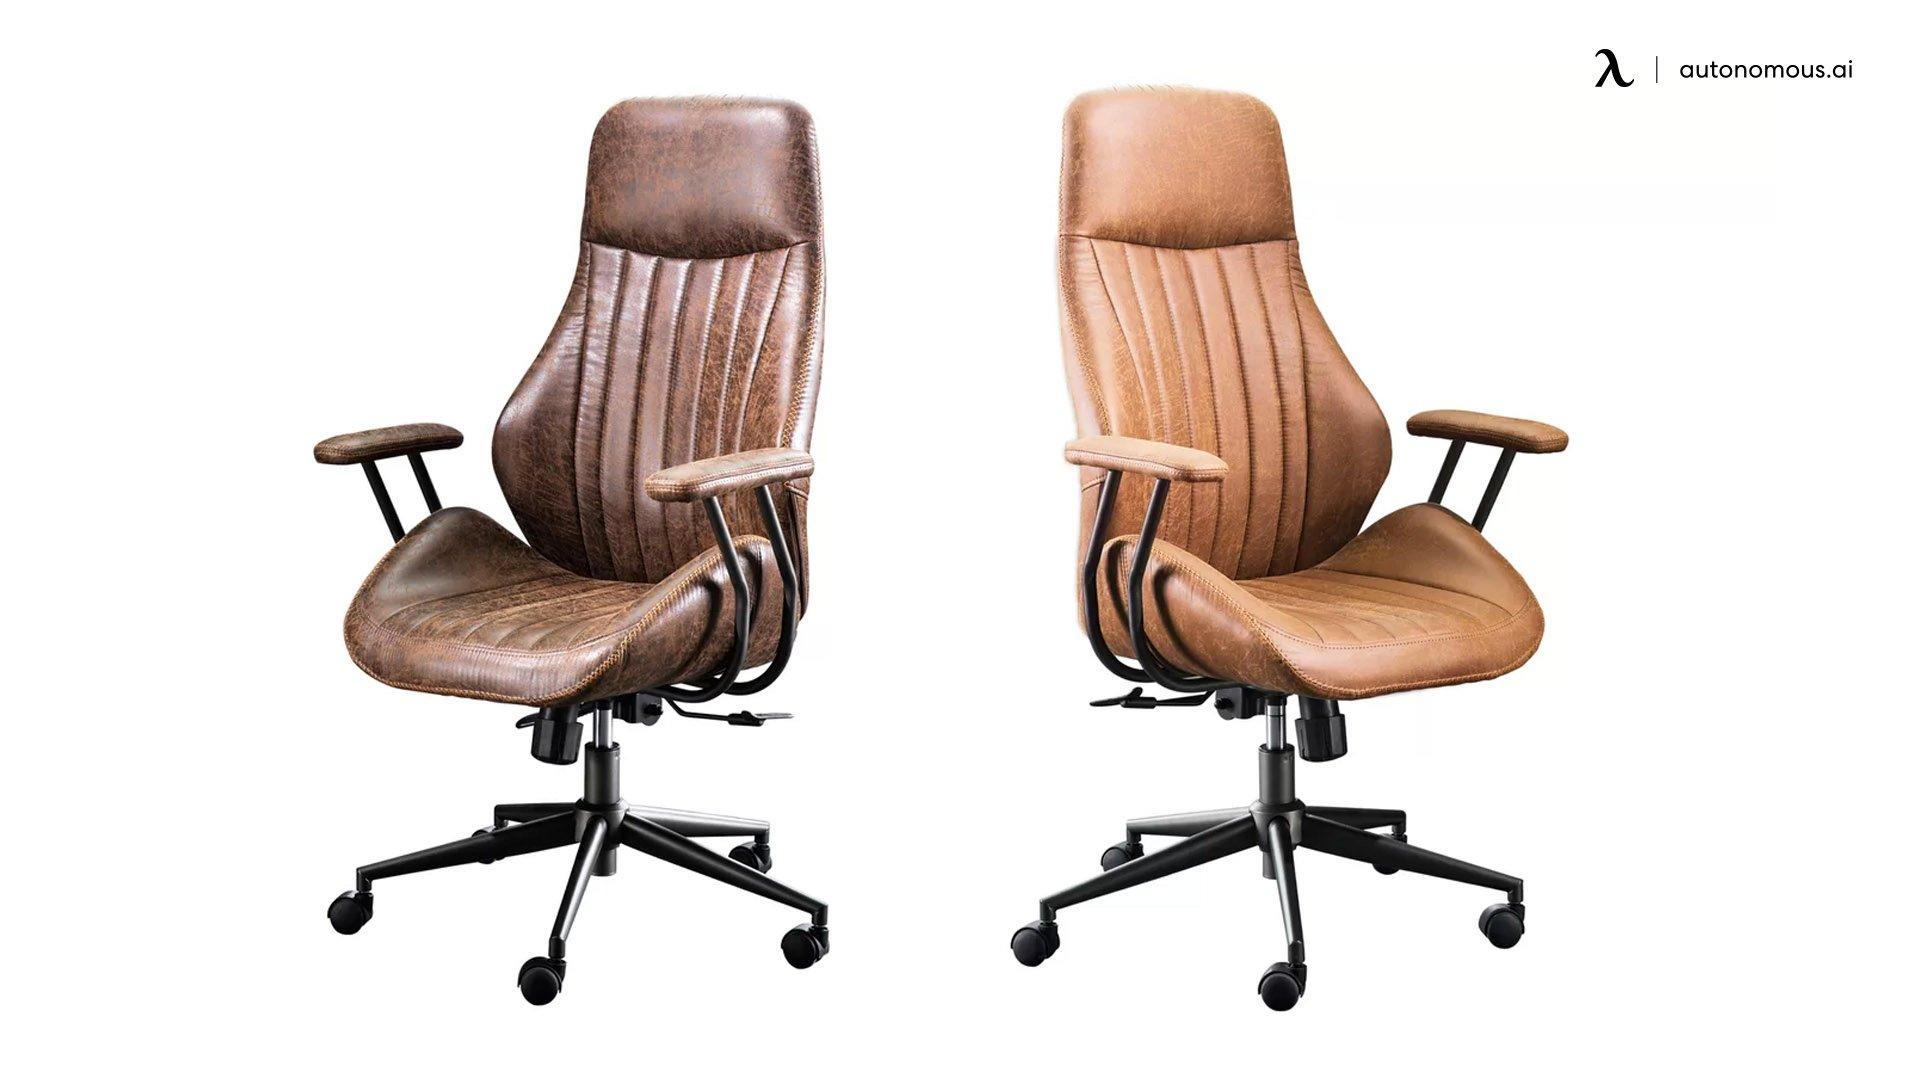 Inbox Zero Executive Chair